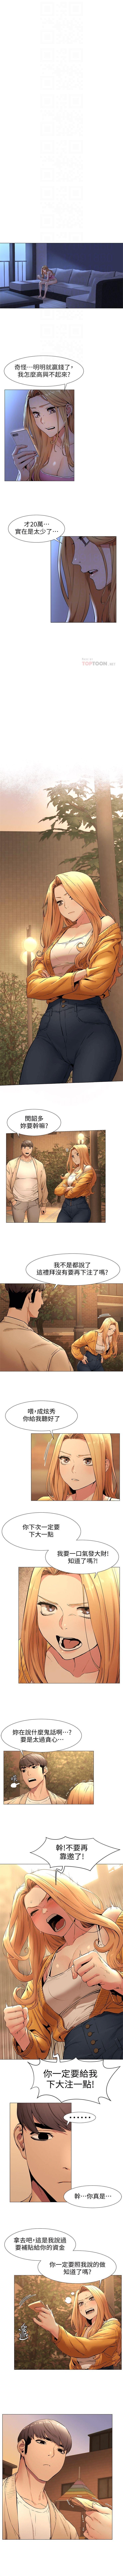 (週5)衝突 1-91 中文翻譯 (更新中) 414